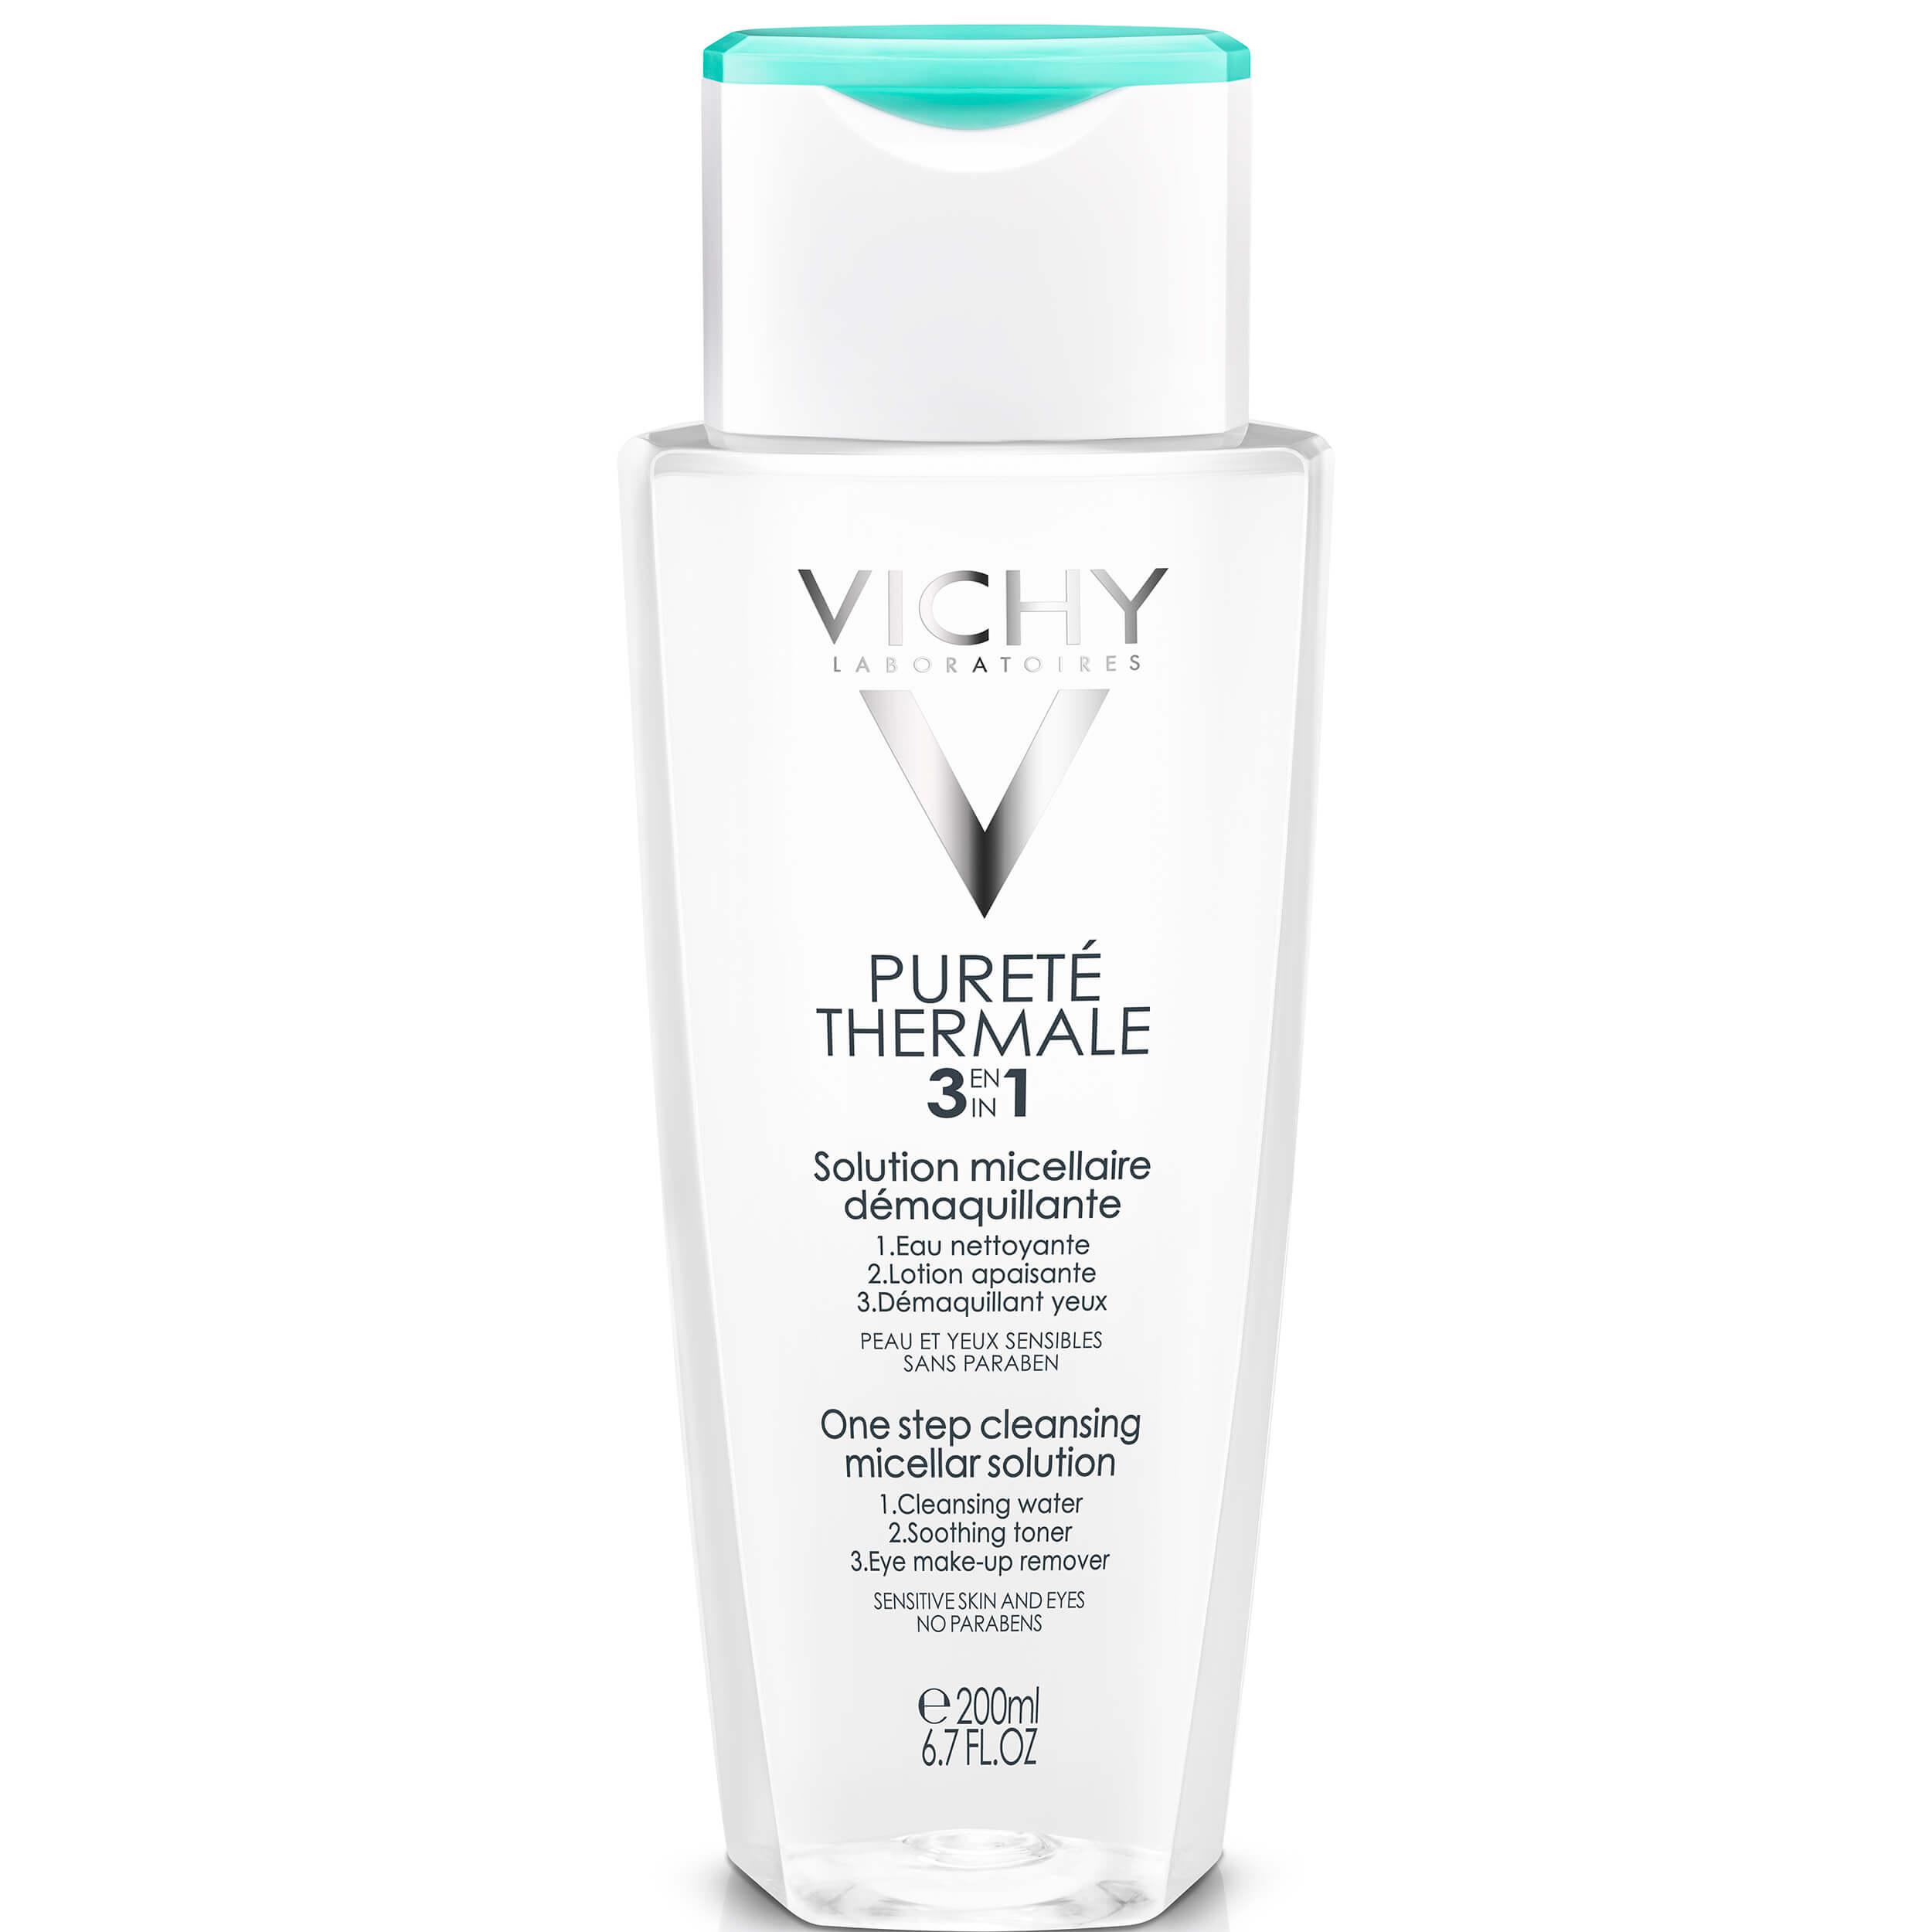 Vichy Purete Thermale Λοσιόν Καθαρισμού Προσώπου Και Ματιών 3 Σε 1 Για Ευαίσθητη Επιδερμίδα – 200ml